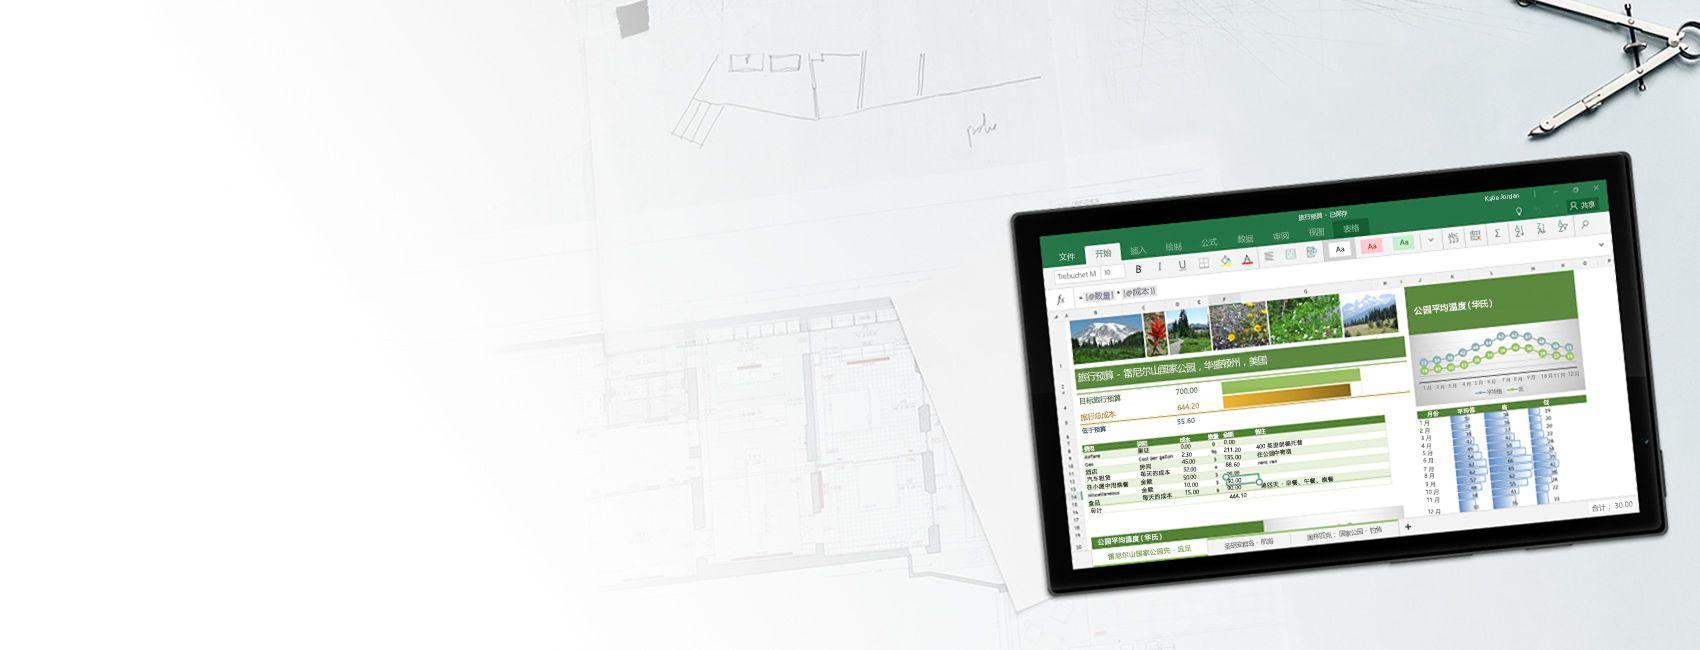 显示有 Windows 10 移动版 Excel 电子表格的 Windows 平板电脑,其中包含示例图表和旅行预算报表